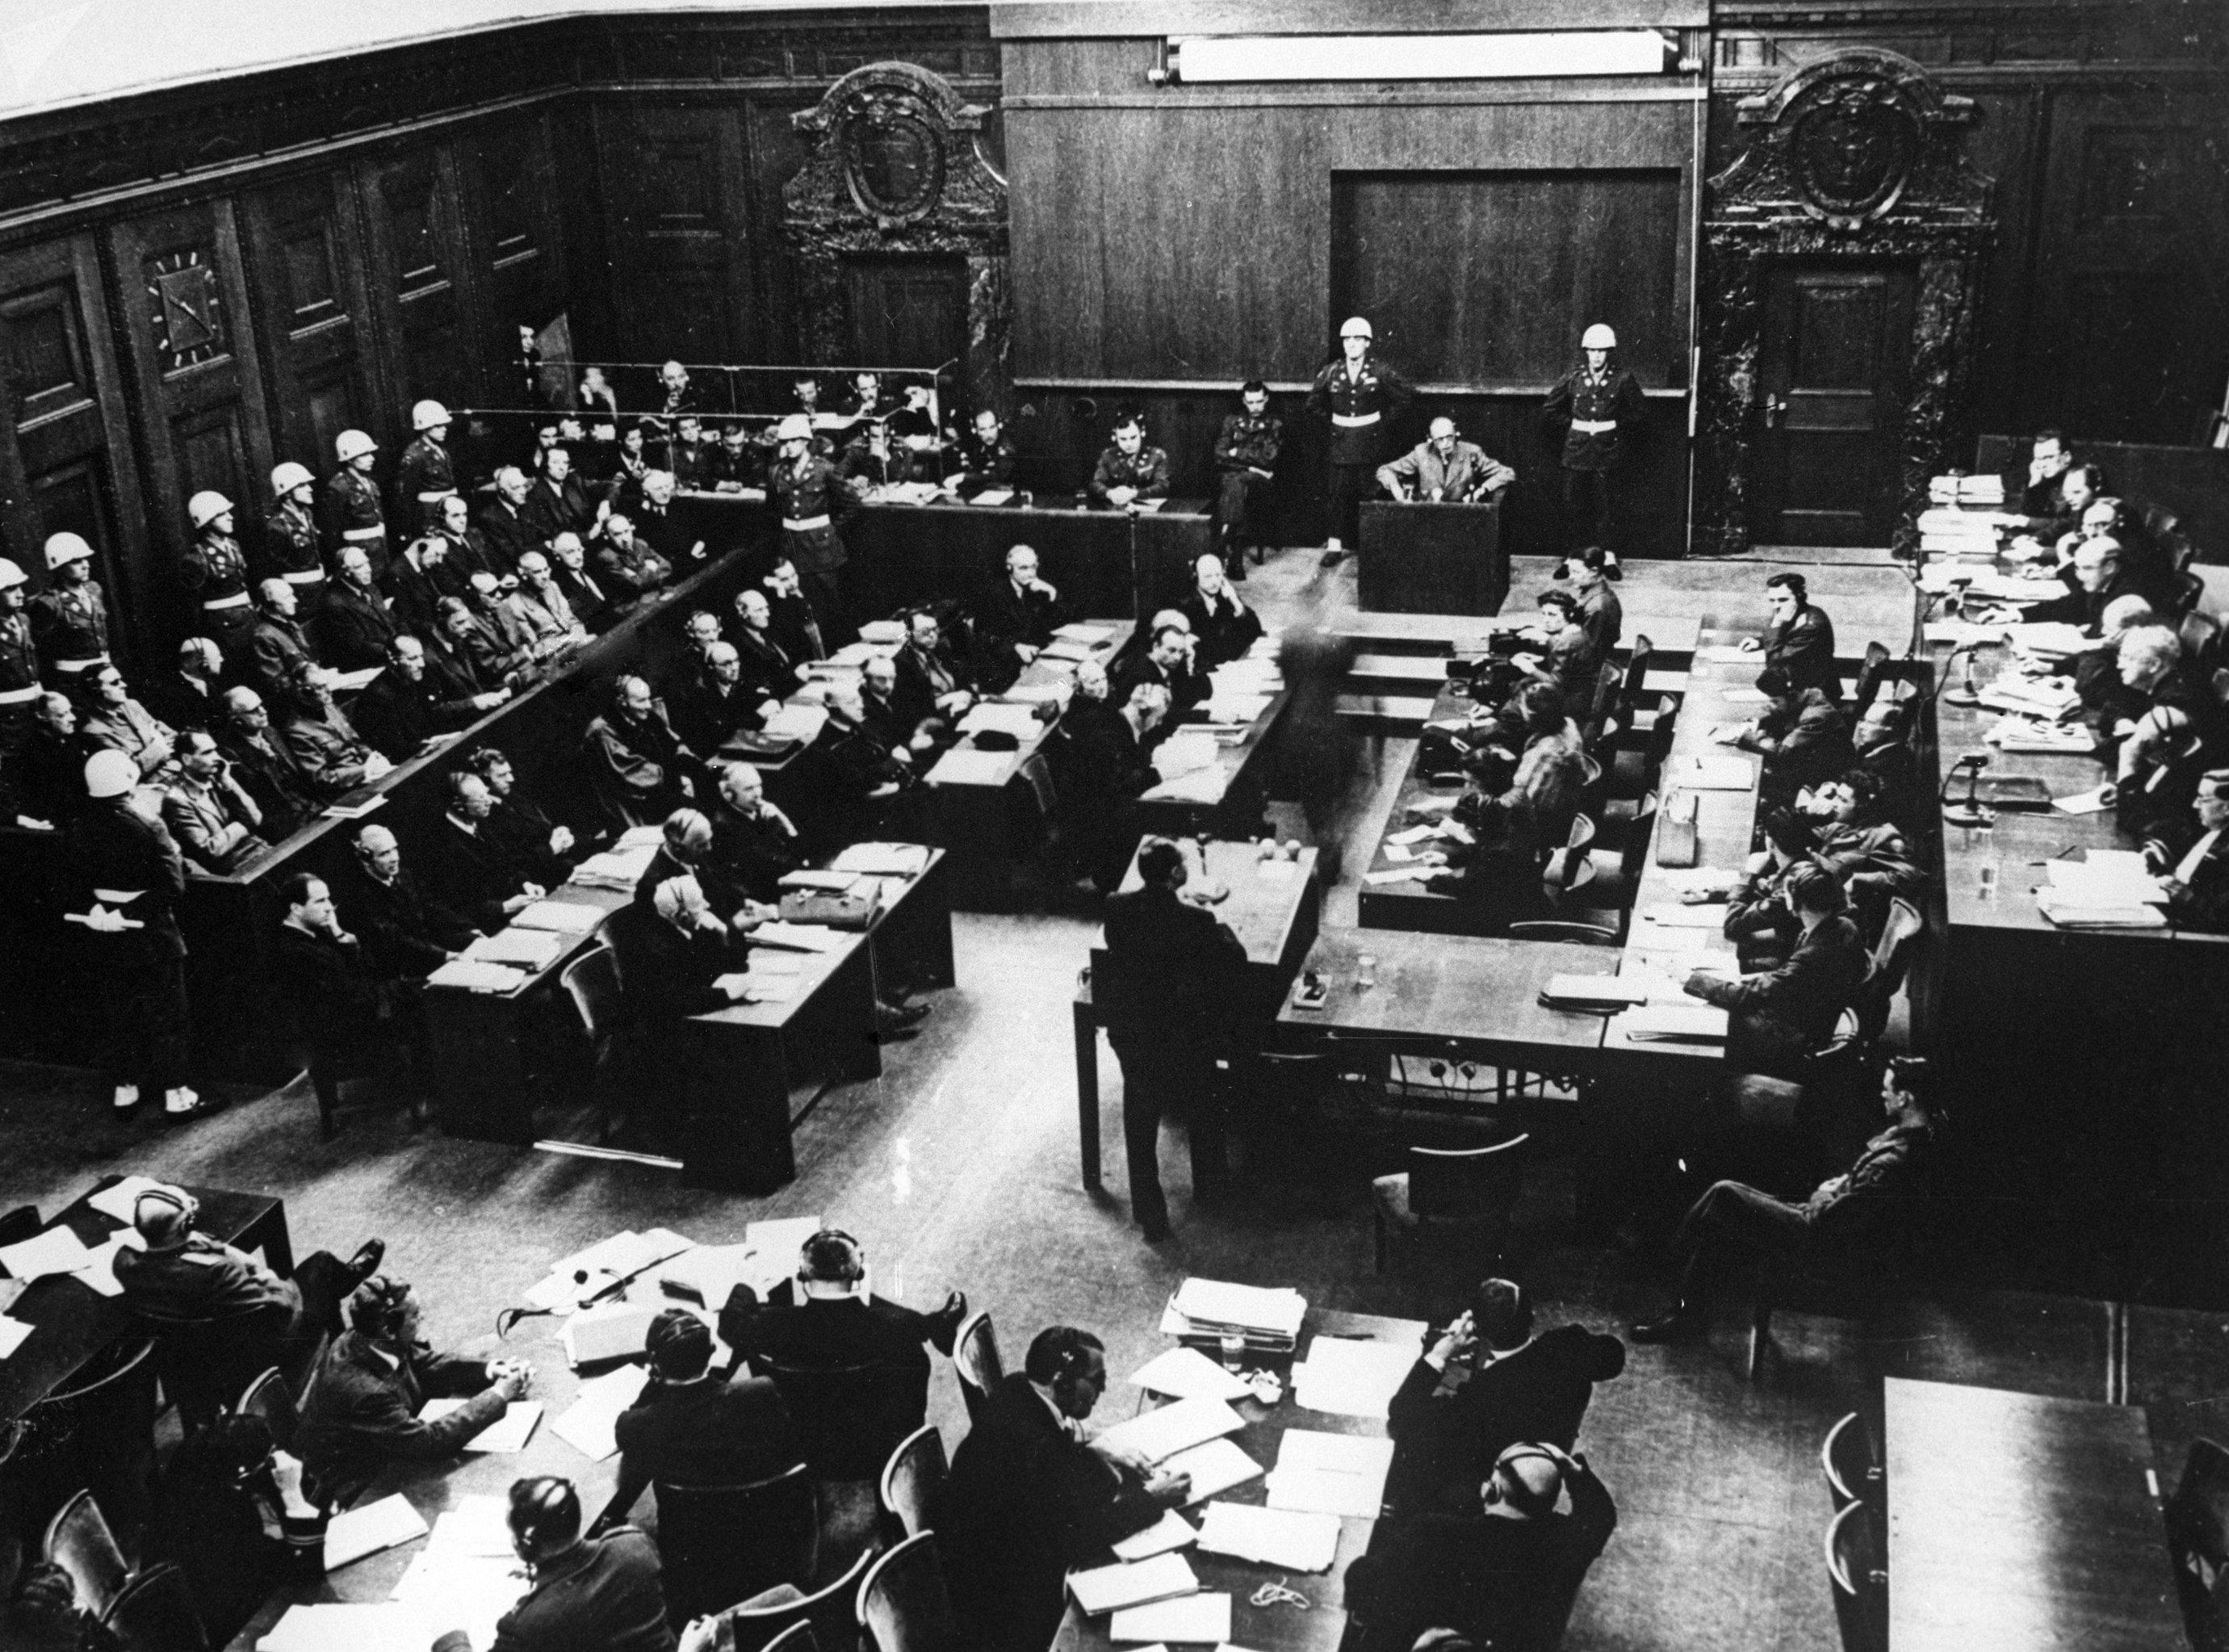 El Juicio de Núremberg, una de las sesiones del Tribunal de Guerra Internacional